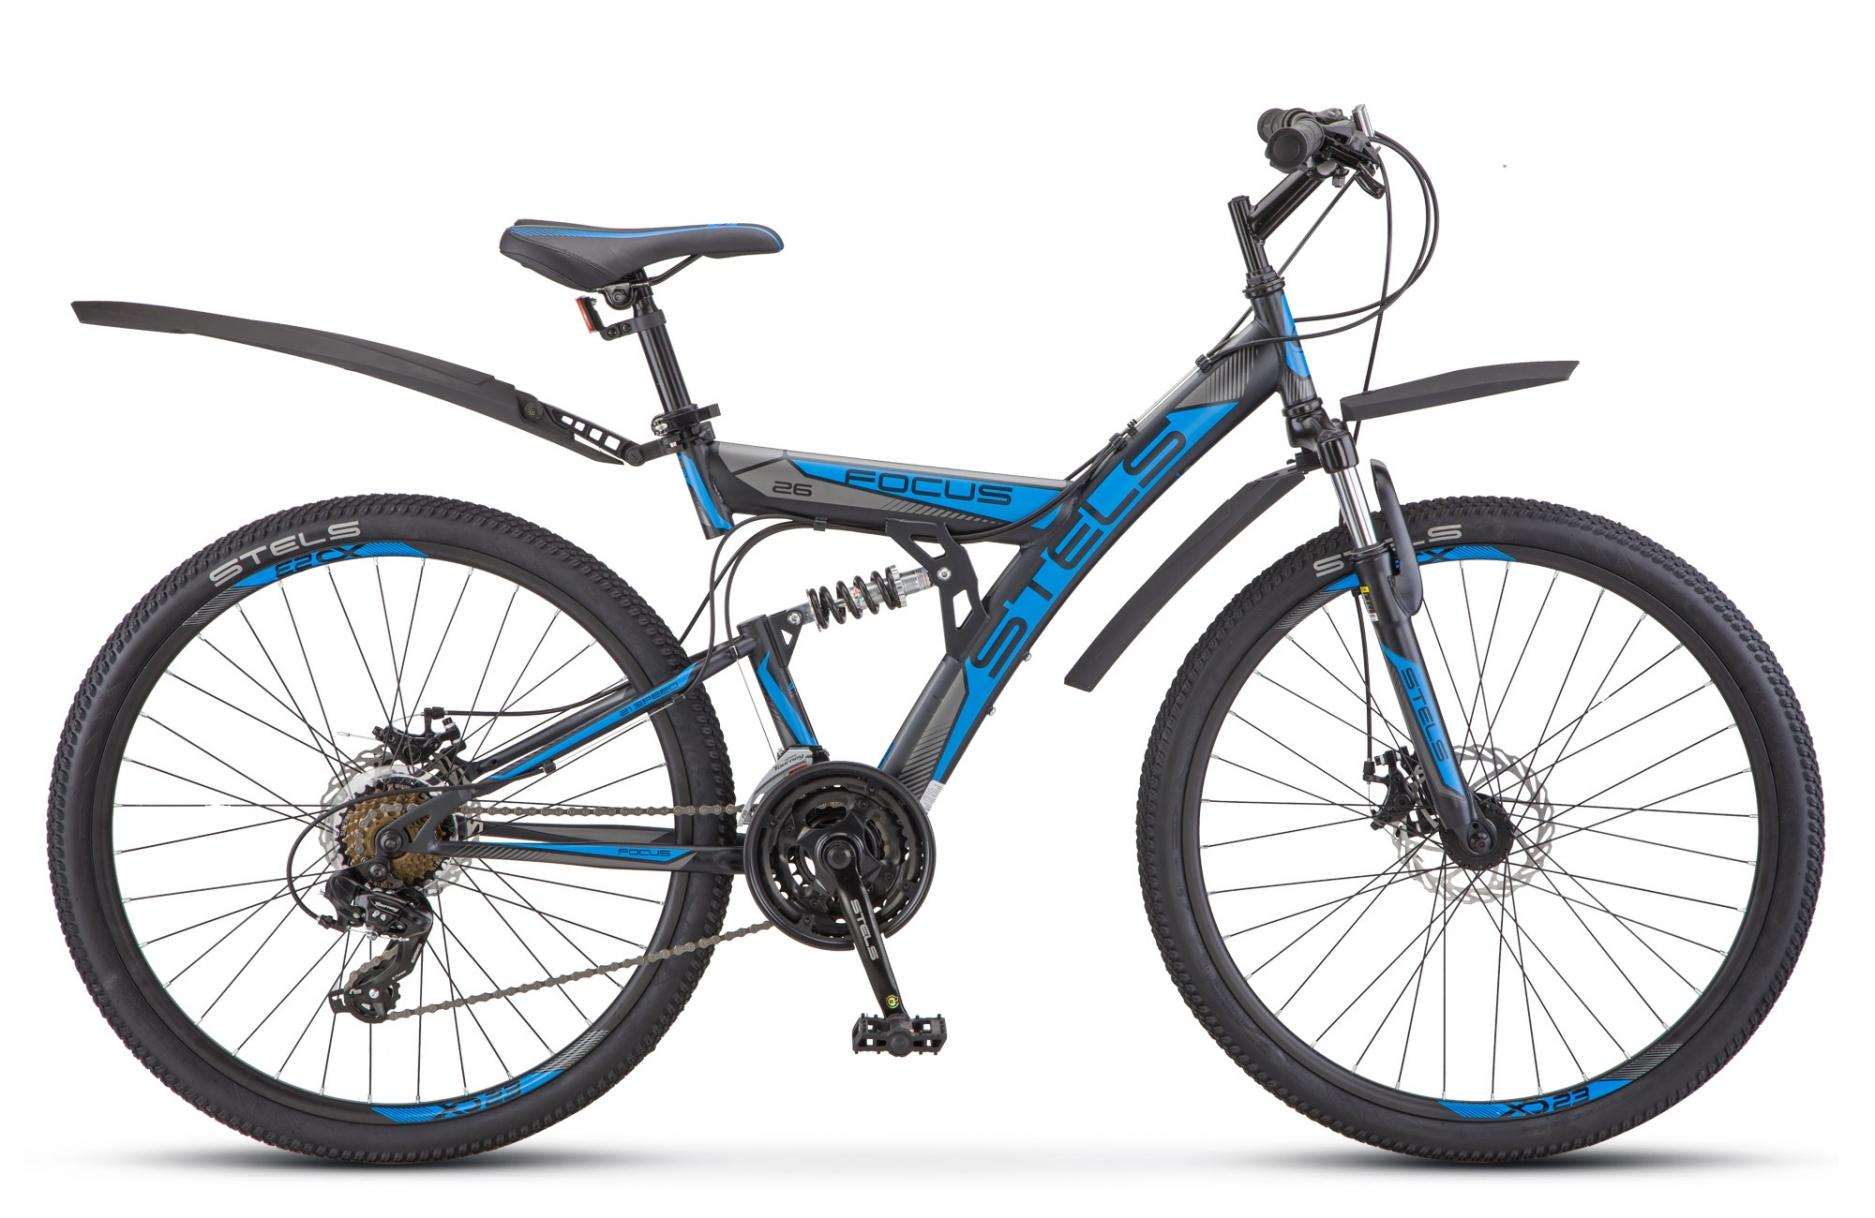 велосипеды стелс каталог с фото гаражей дают представление